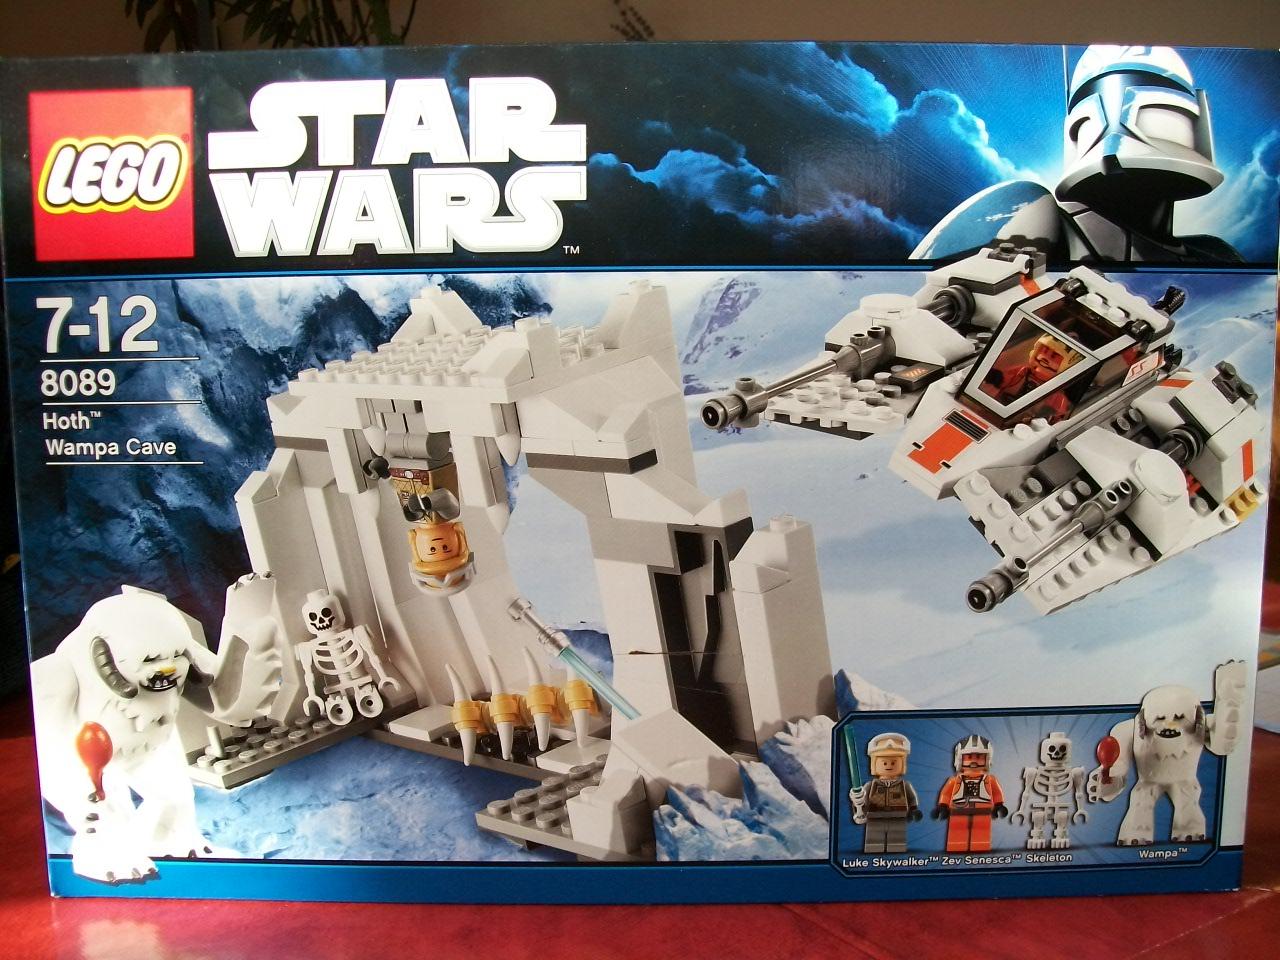 Revue du set Lego Star Wars 8089 (Noël 2010) – Lego(R) by Alkinoos